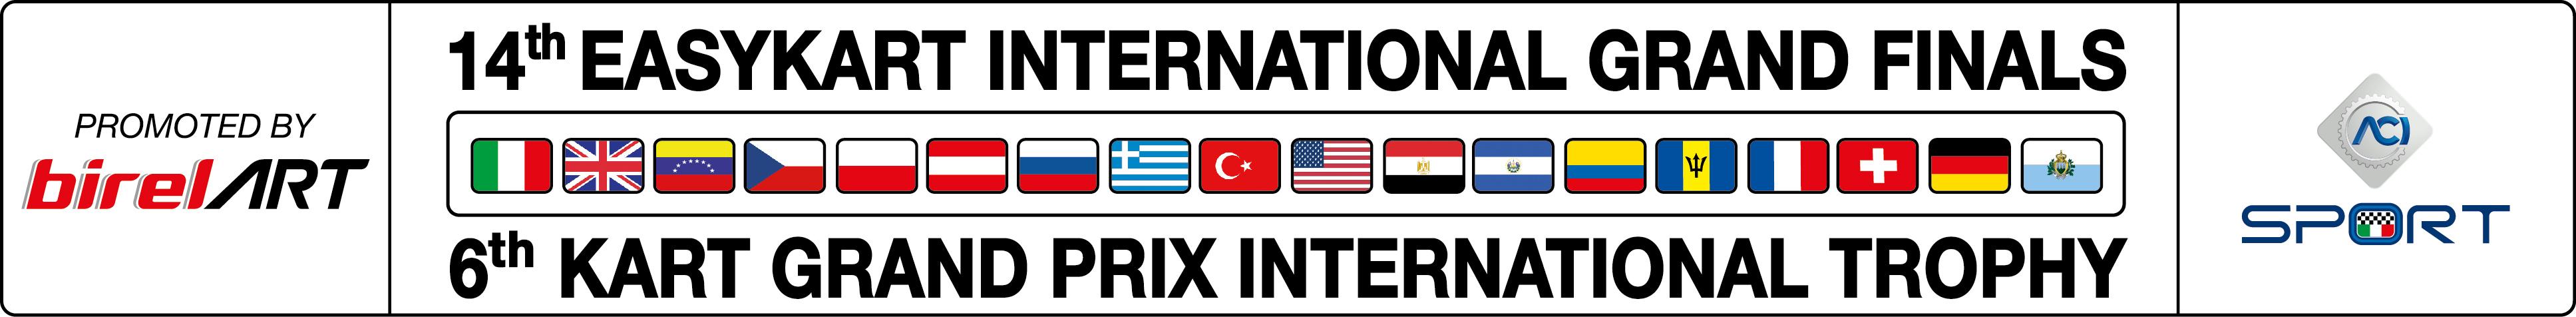 logo_finale_internazionale 2v_tr